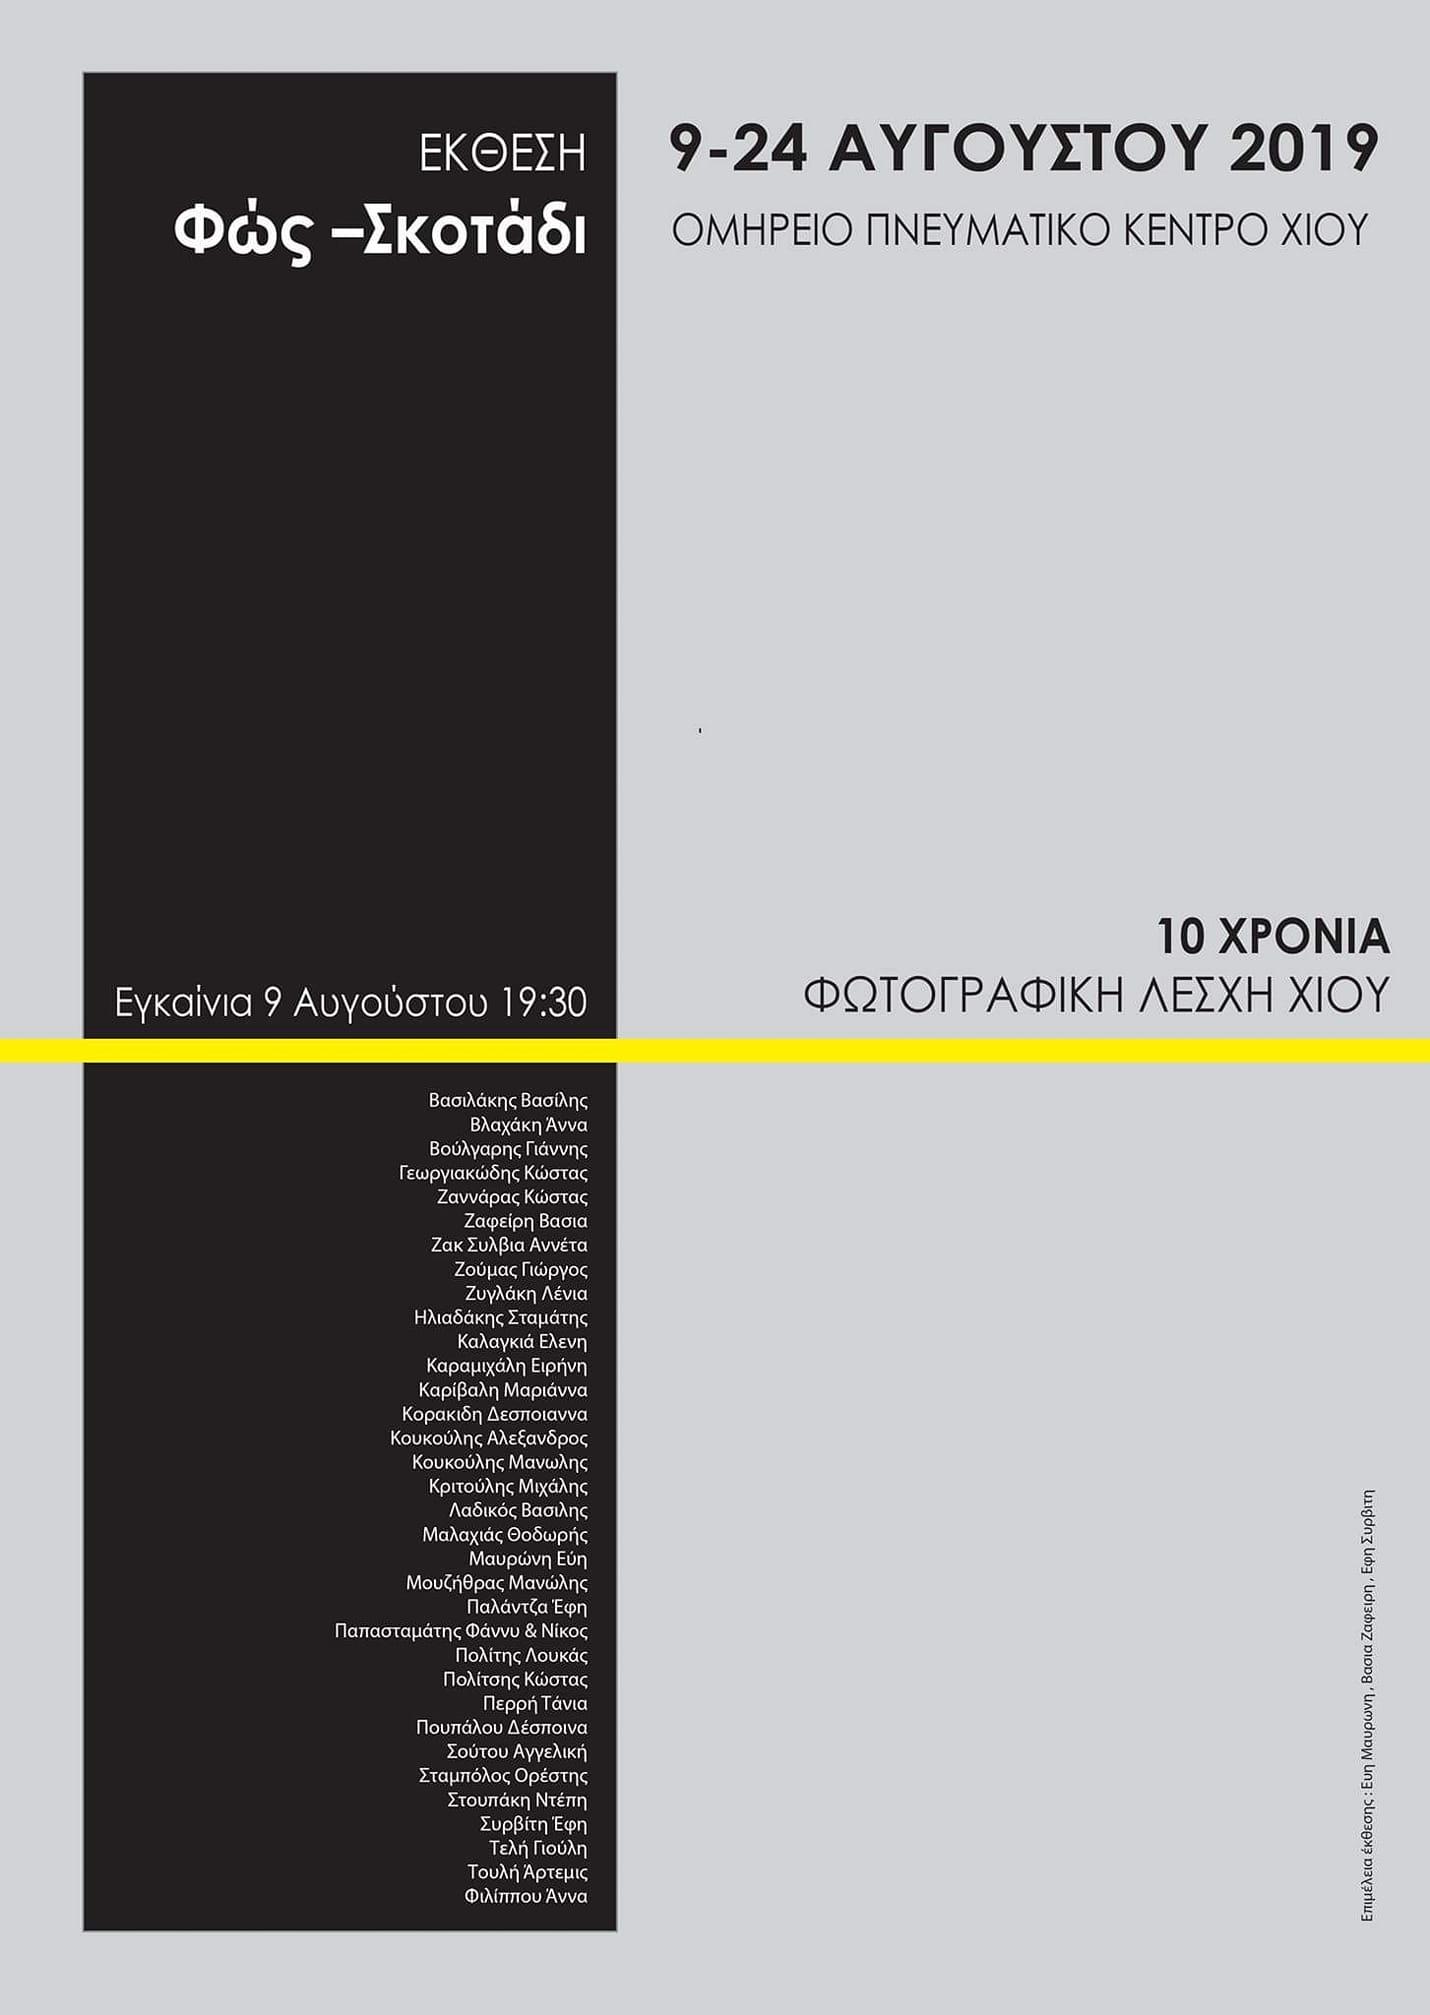 Έκθεση Φώς - Σκοτάδι για τα 10 χρόνια της Φωτογραφικής Λέσχης Χίου